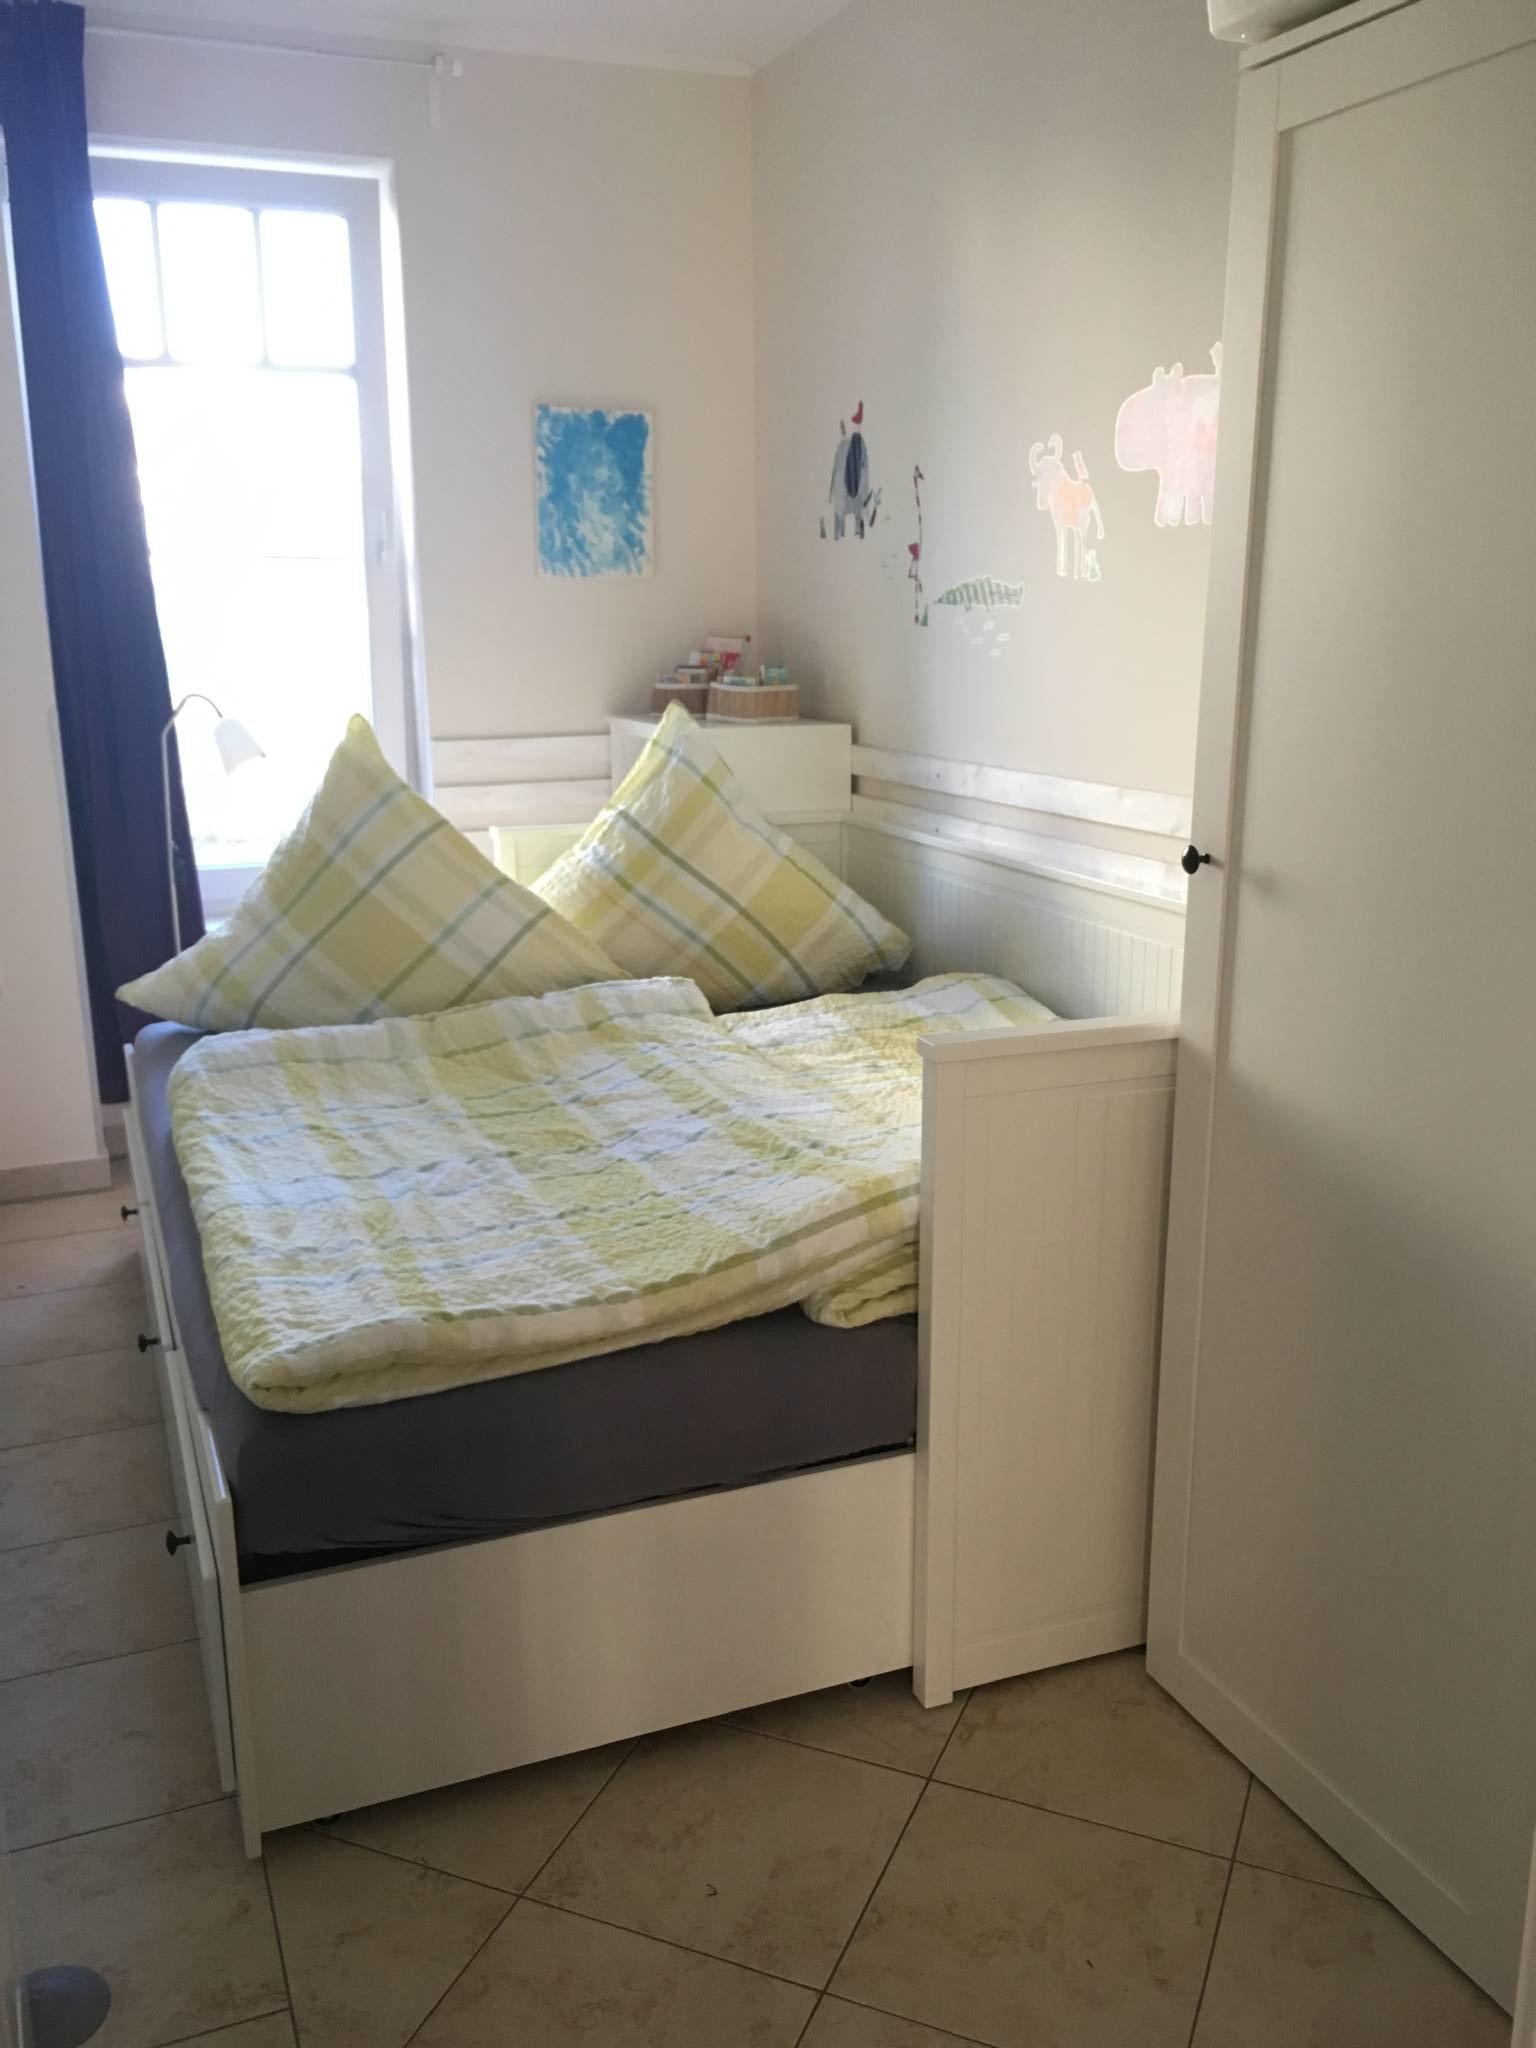 Schlafzimmer - Träumen und Kraft tanken